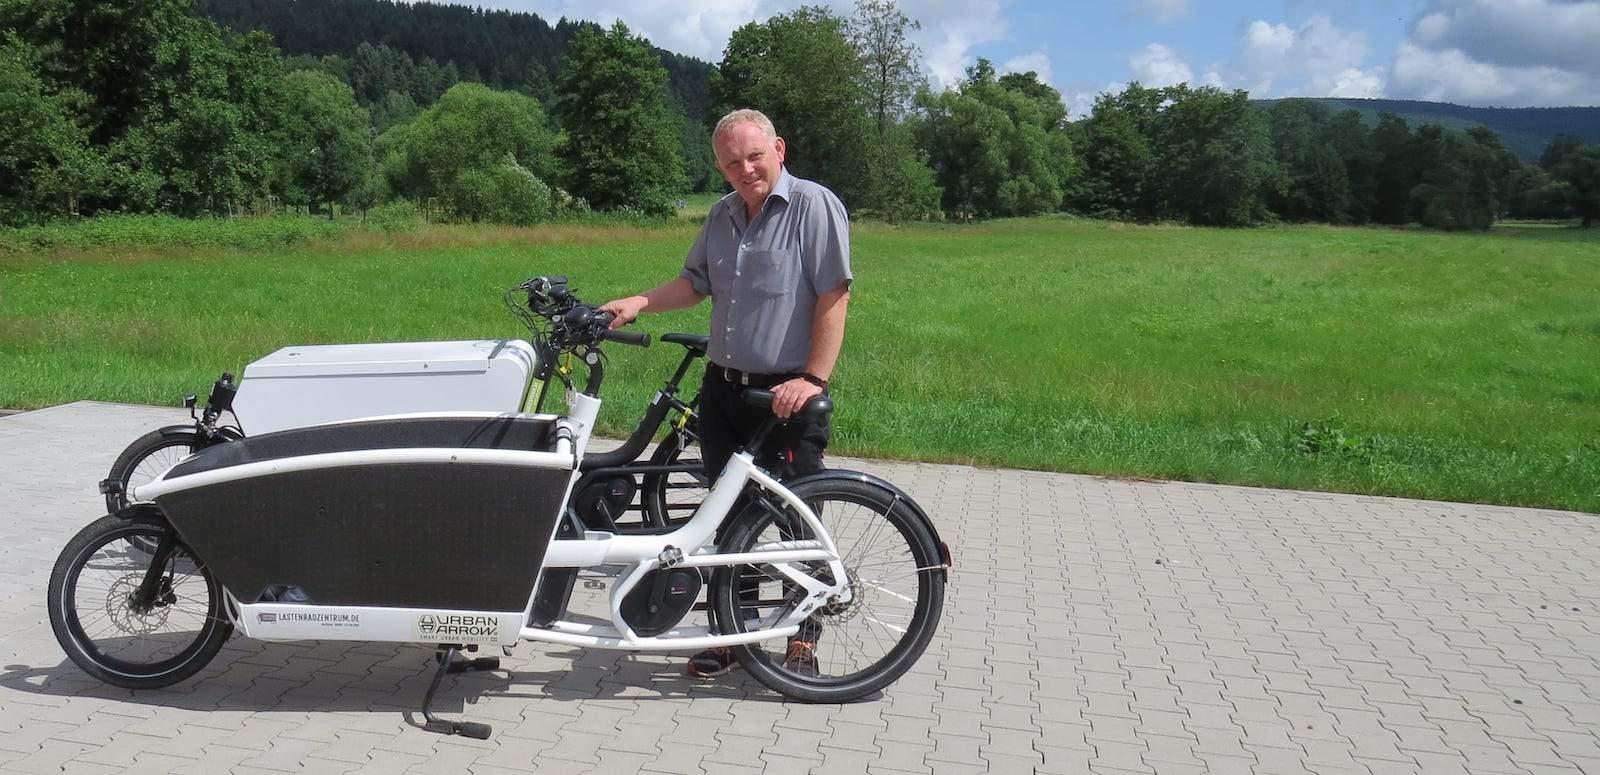 Bürgermeister Rainer Schreiber und 2 Lastenfahrräder